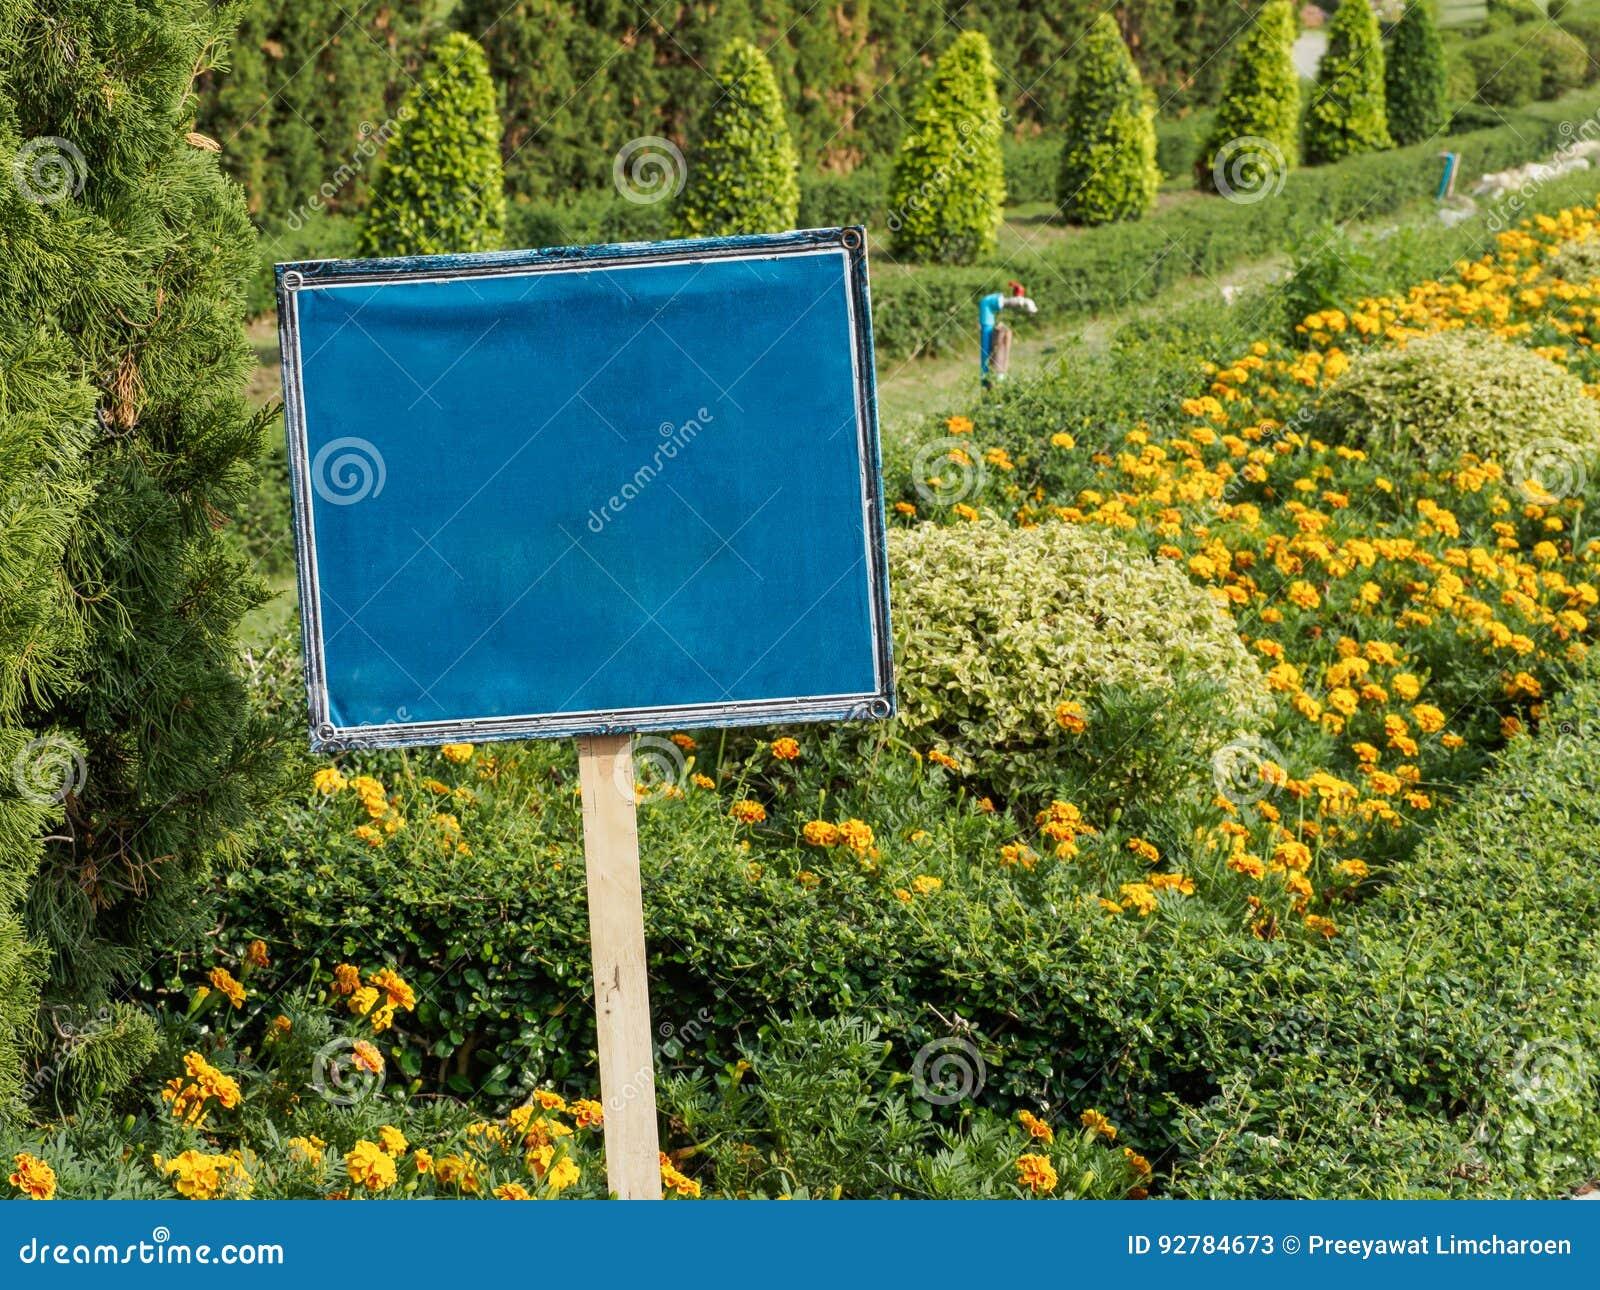 Teken Je Tuin : Blauw teken in de tuin stock afbeelding. afbeelding bestaande uit